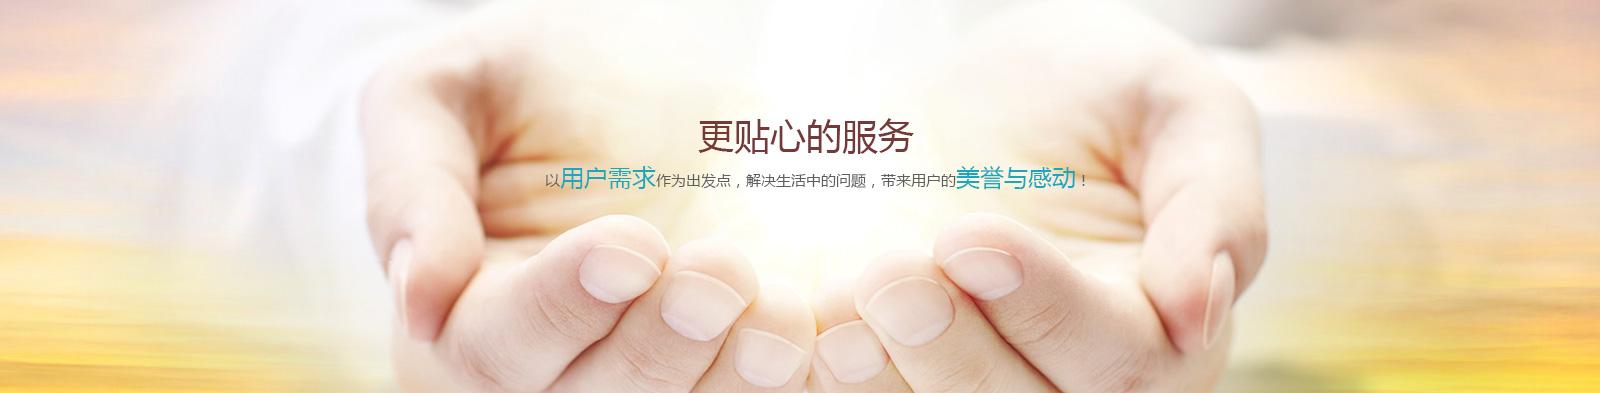 12bet官方网站下载12bet壹博体育banner